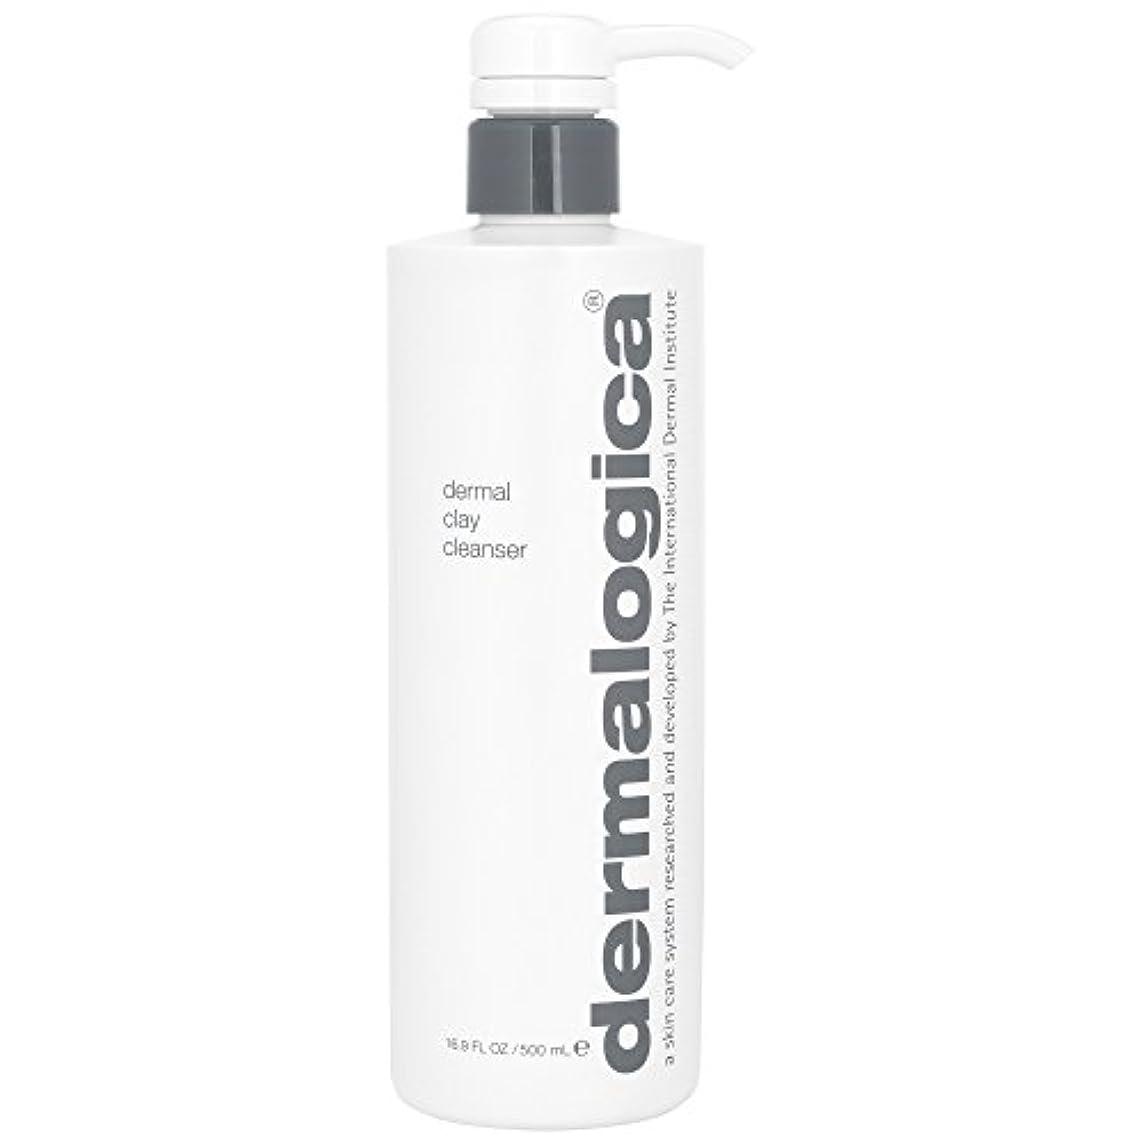 課税櫛経営者ダーマロジカ真皮クレイクレンザー500ミリリットル (Dermalogica) (x2) - Dermalogica Dermal Clay Cleanser 500ml (Pack of 2) [並行輸入品]